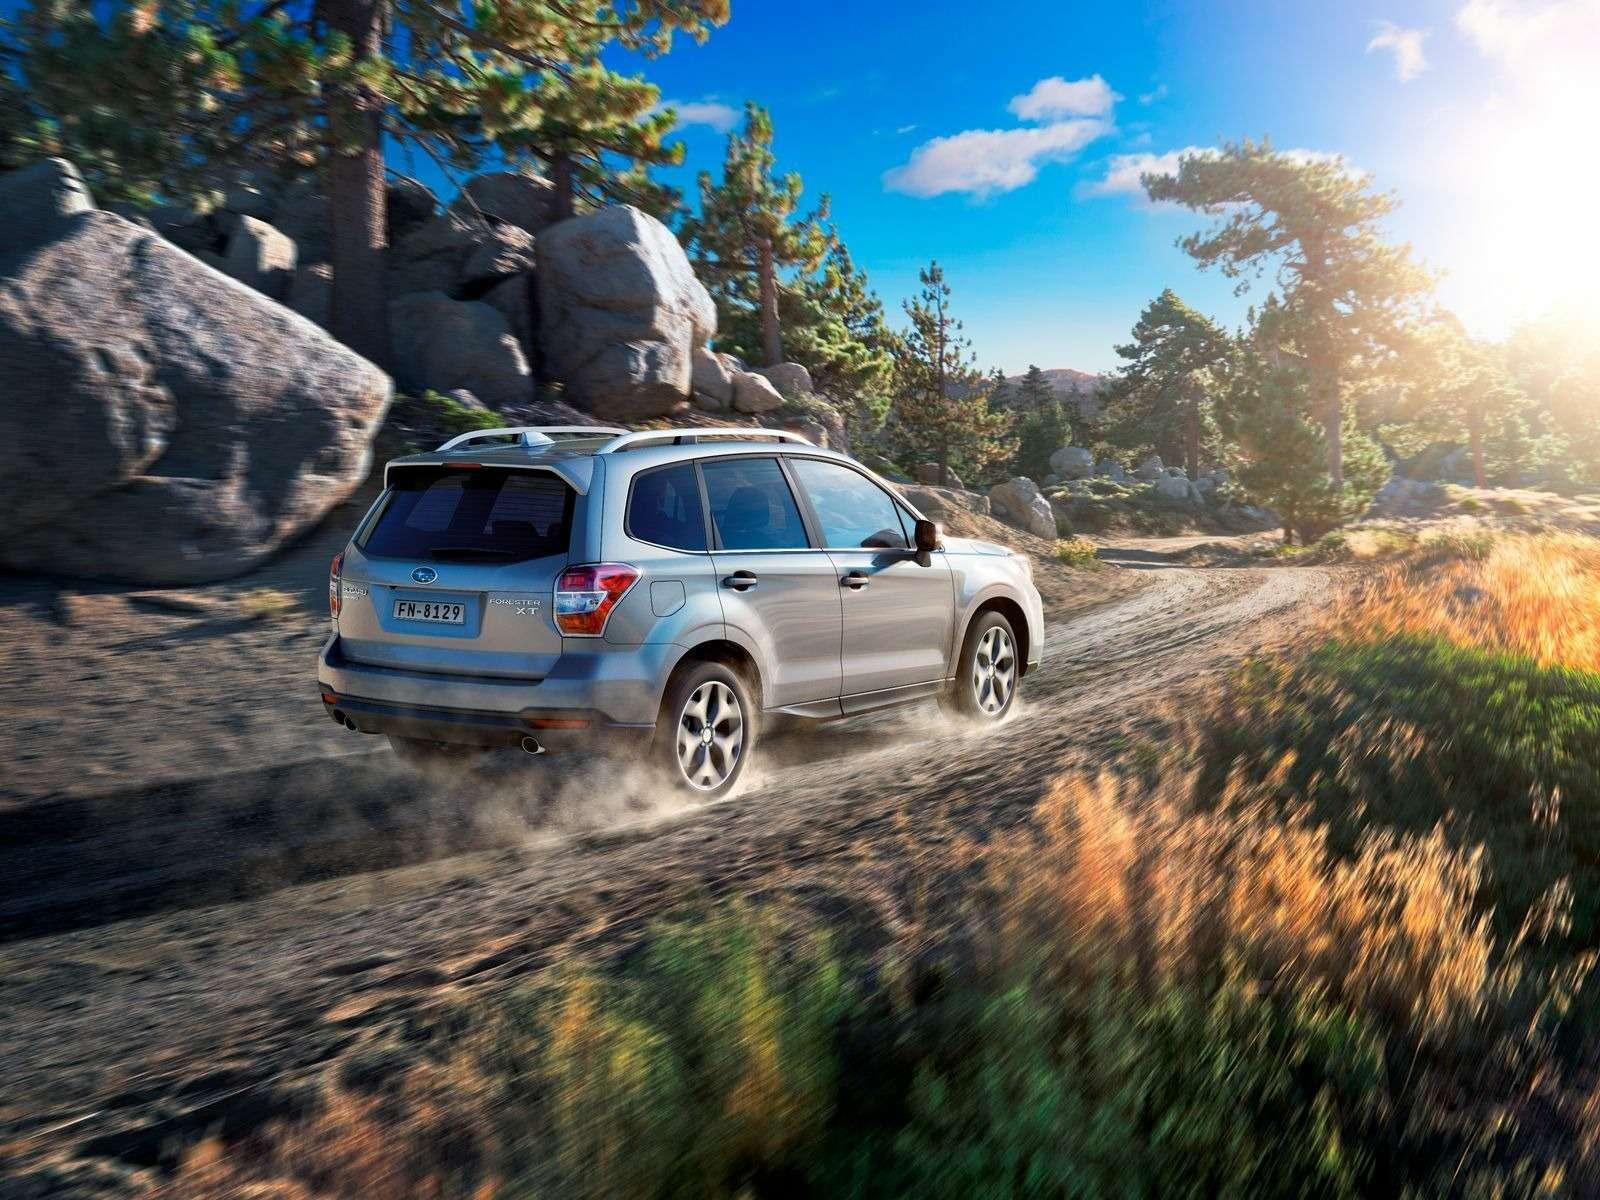 Subaru объявила цены наобновленный Forester— фото 375844